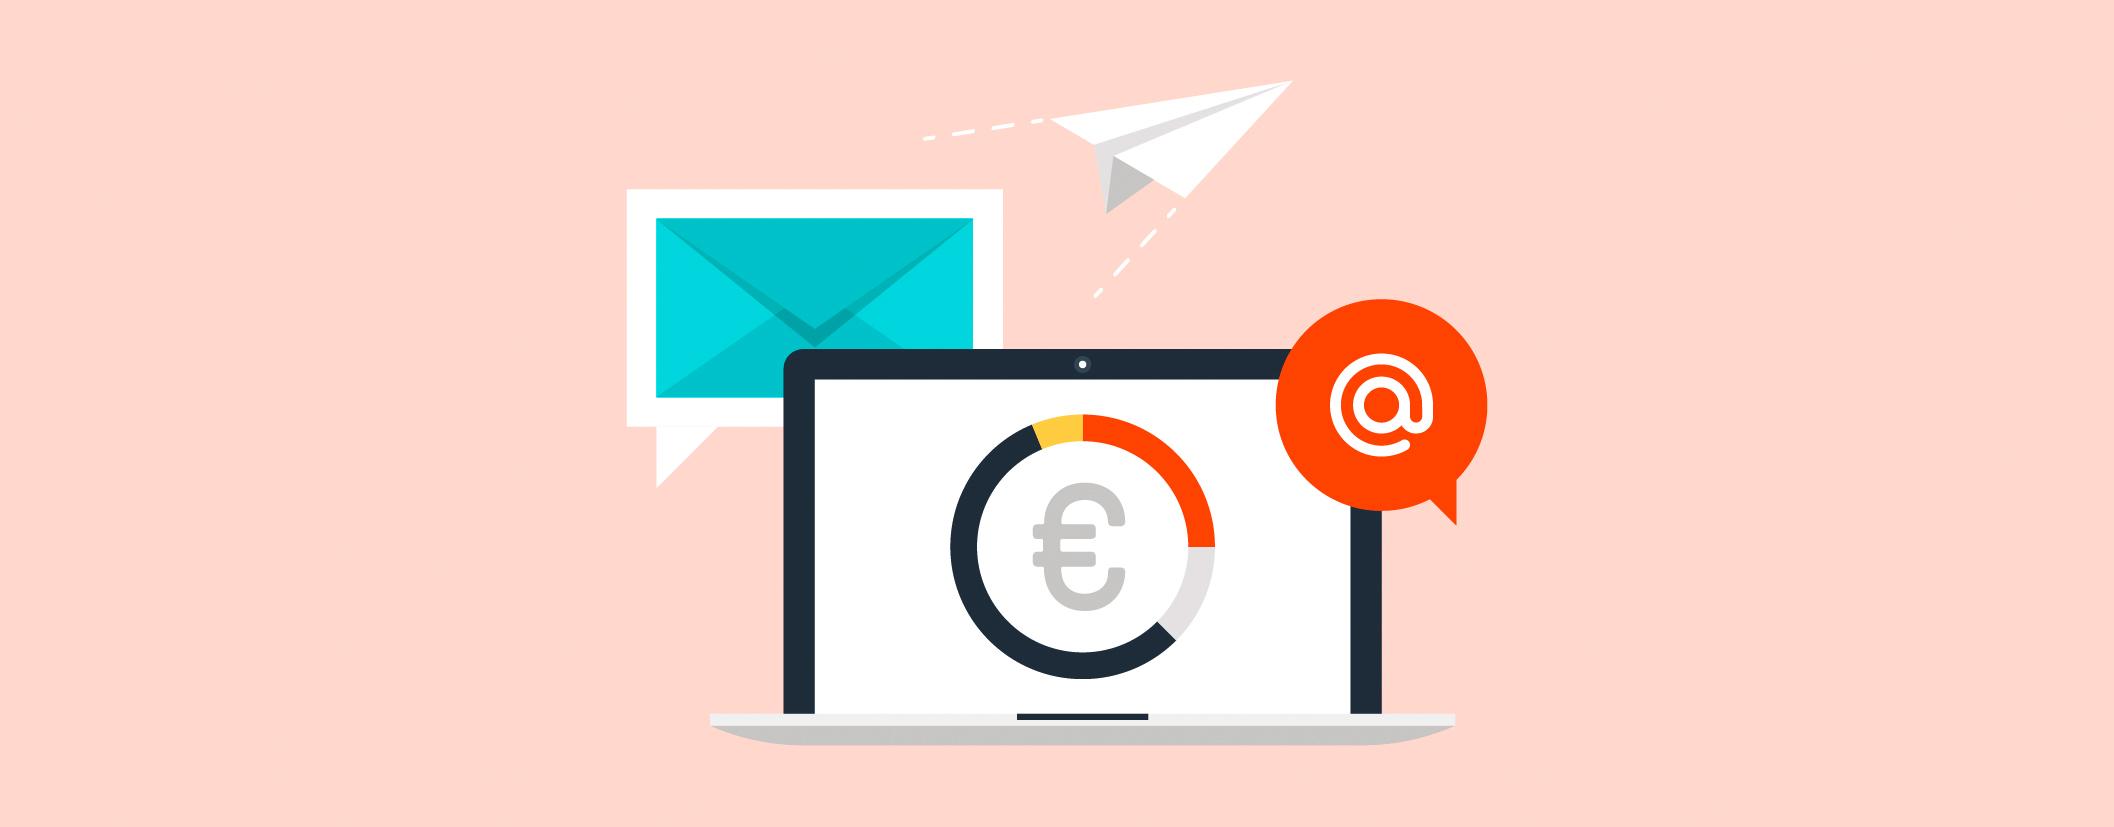 Automatisiert und trotzdem persönlich: Das sind die wichtigsten Erfolgsfaktoren im E-Mail-Marketing